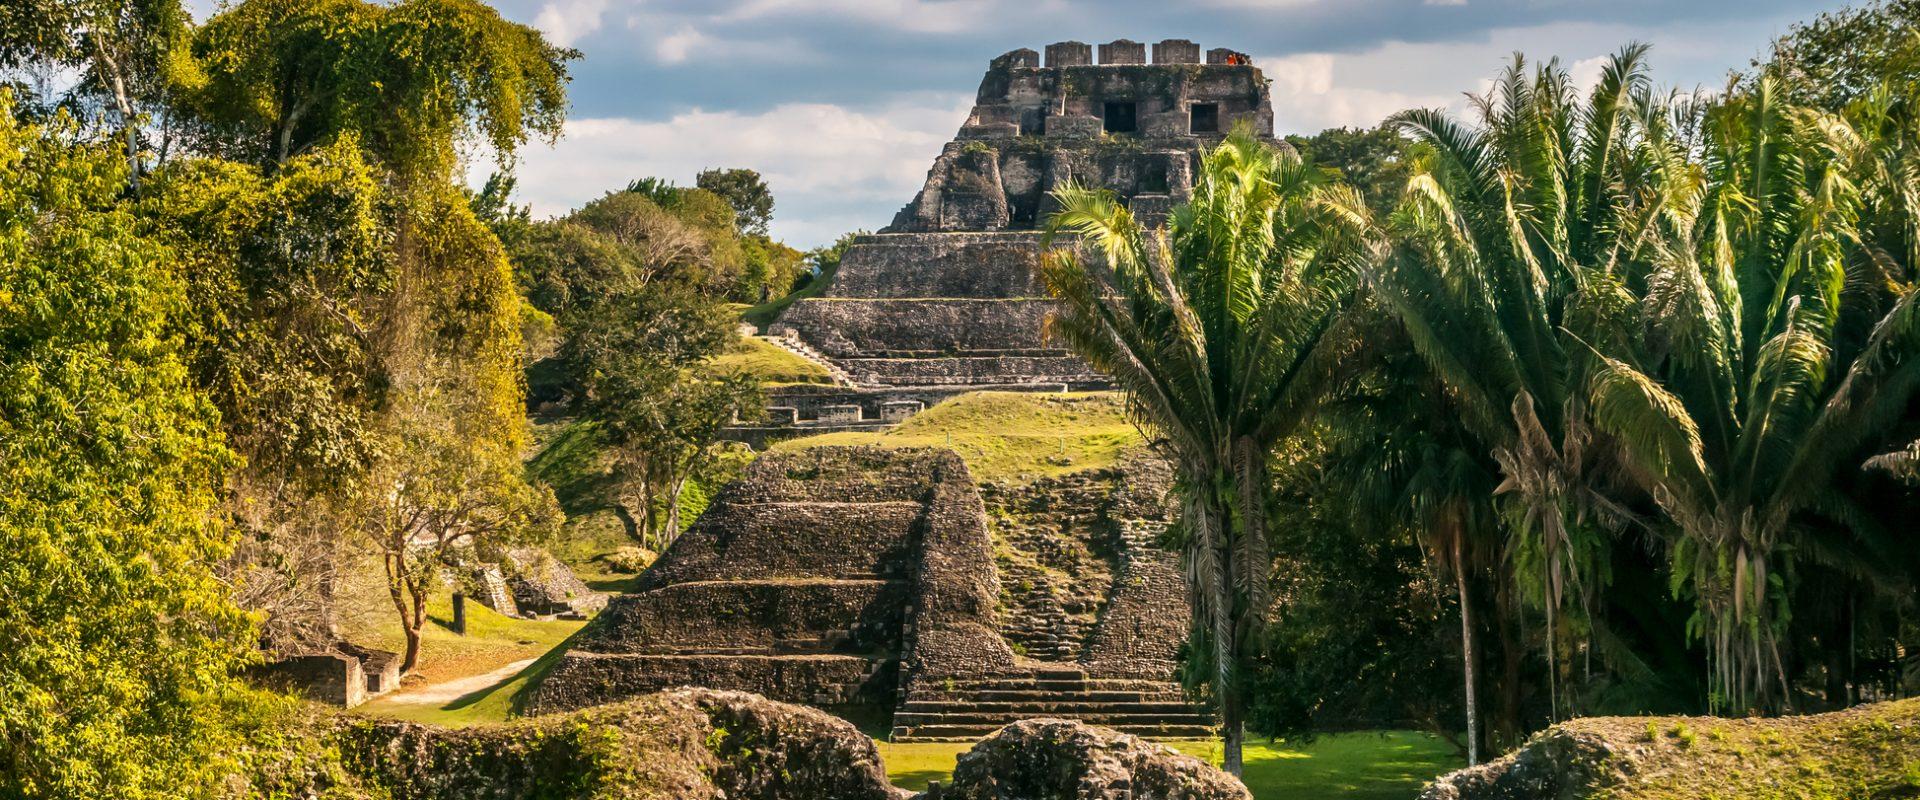 Xunantunich - Mayan Ruins